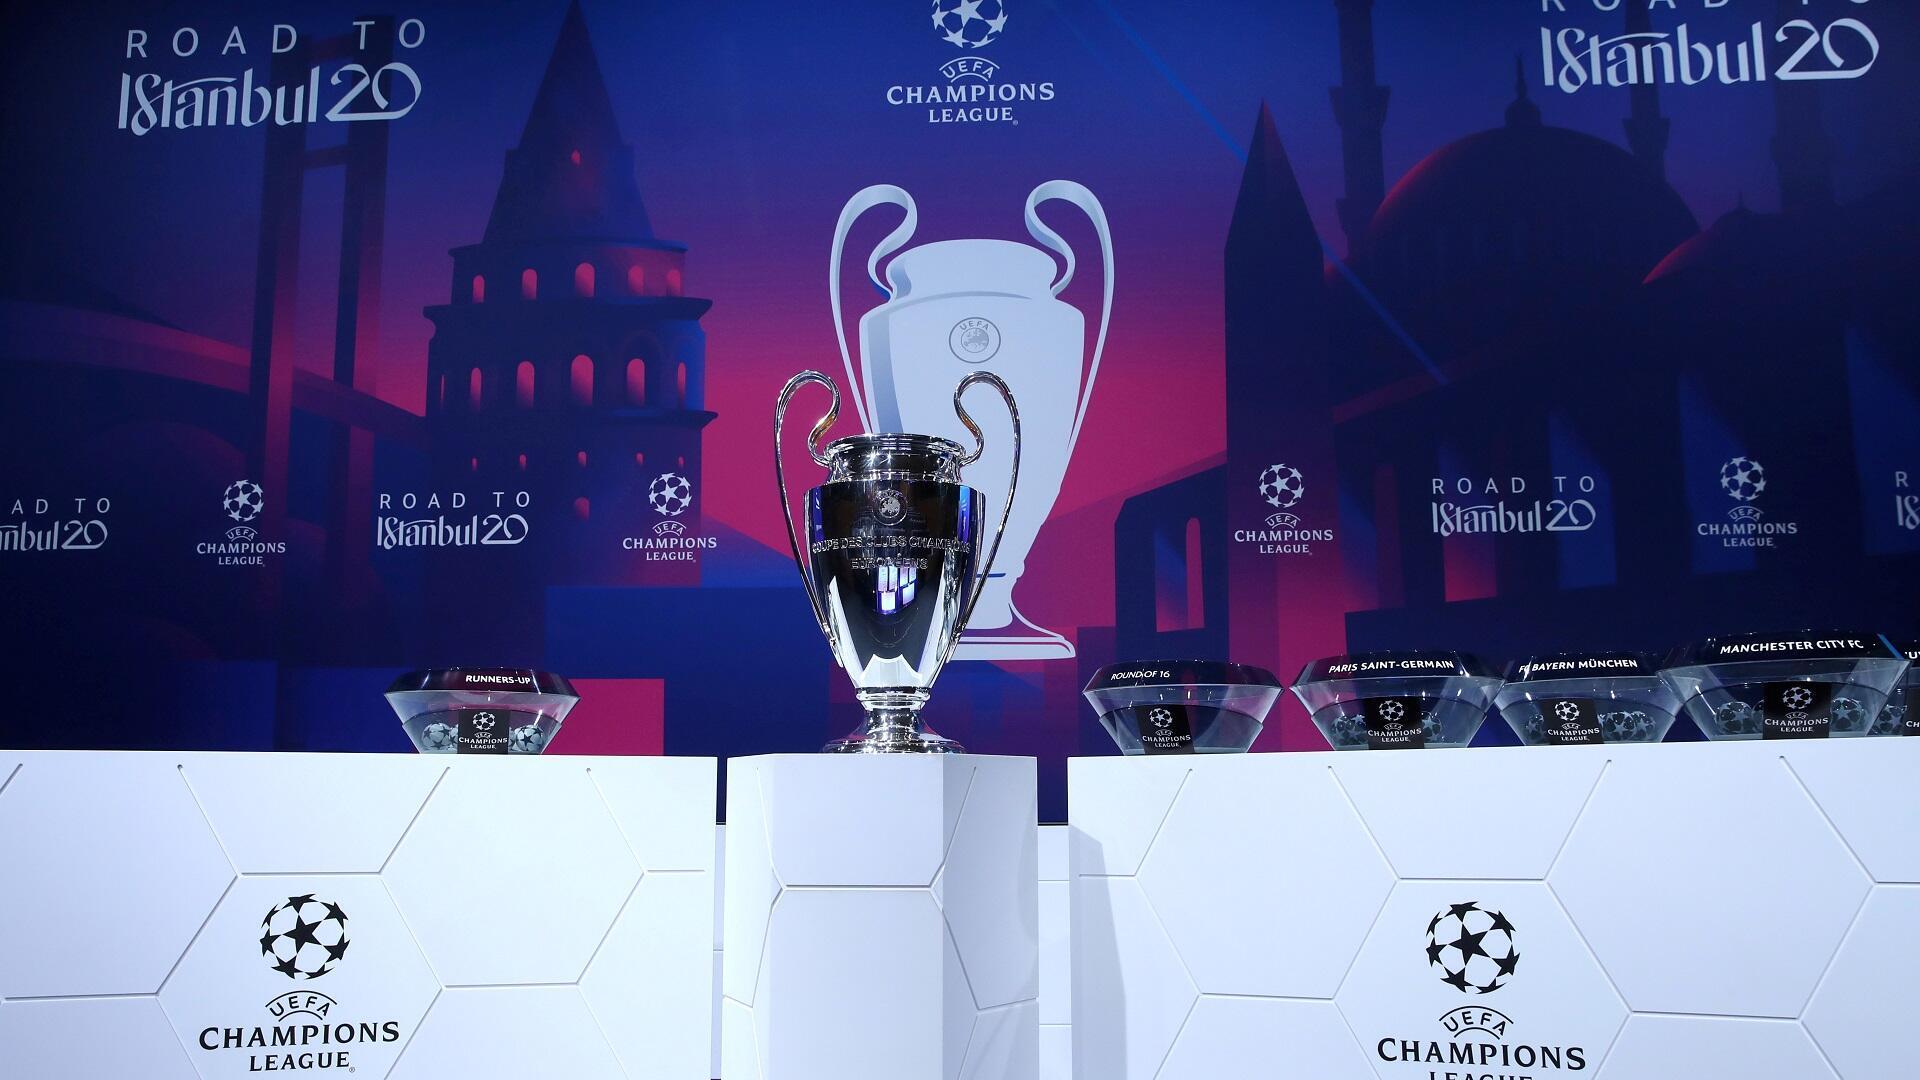 كأس دوري أبطال أوروبا أثناء سحب قرعة الدور ثمن النهائي للموسم الجاري، 16 ديسمبر/كانون الأول 2020.